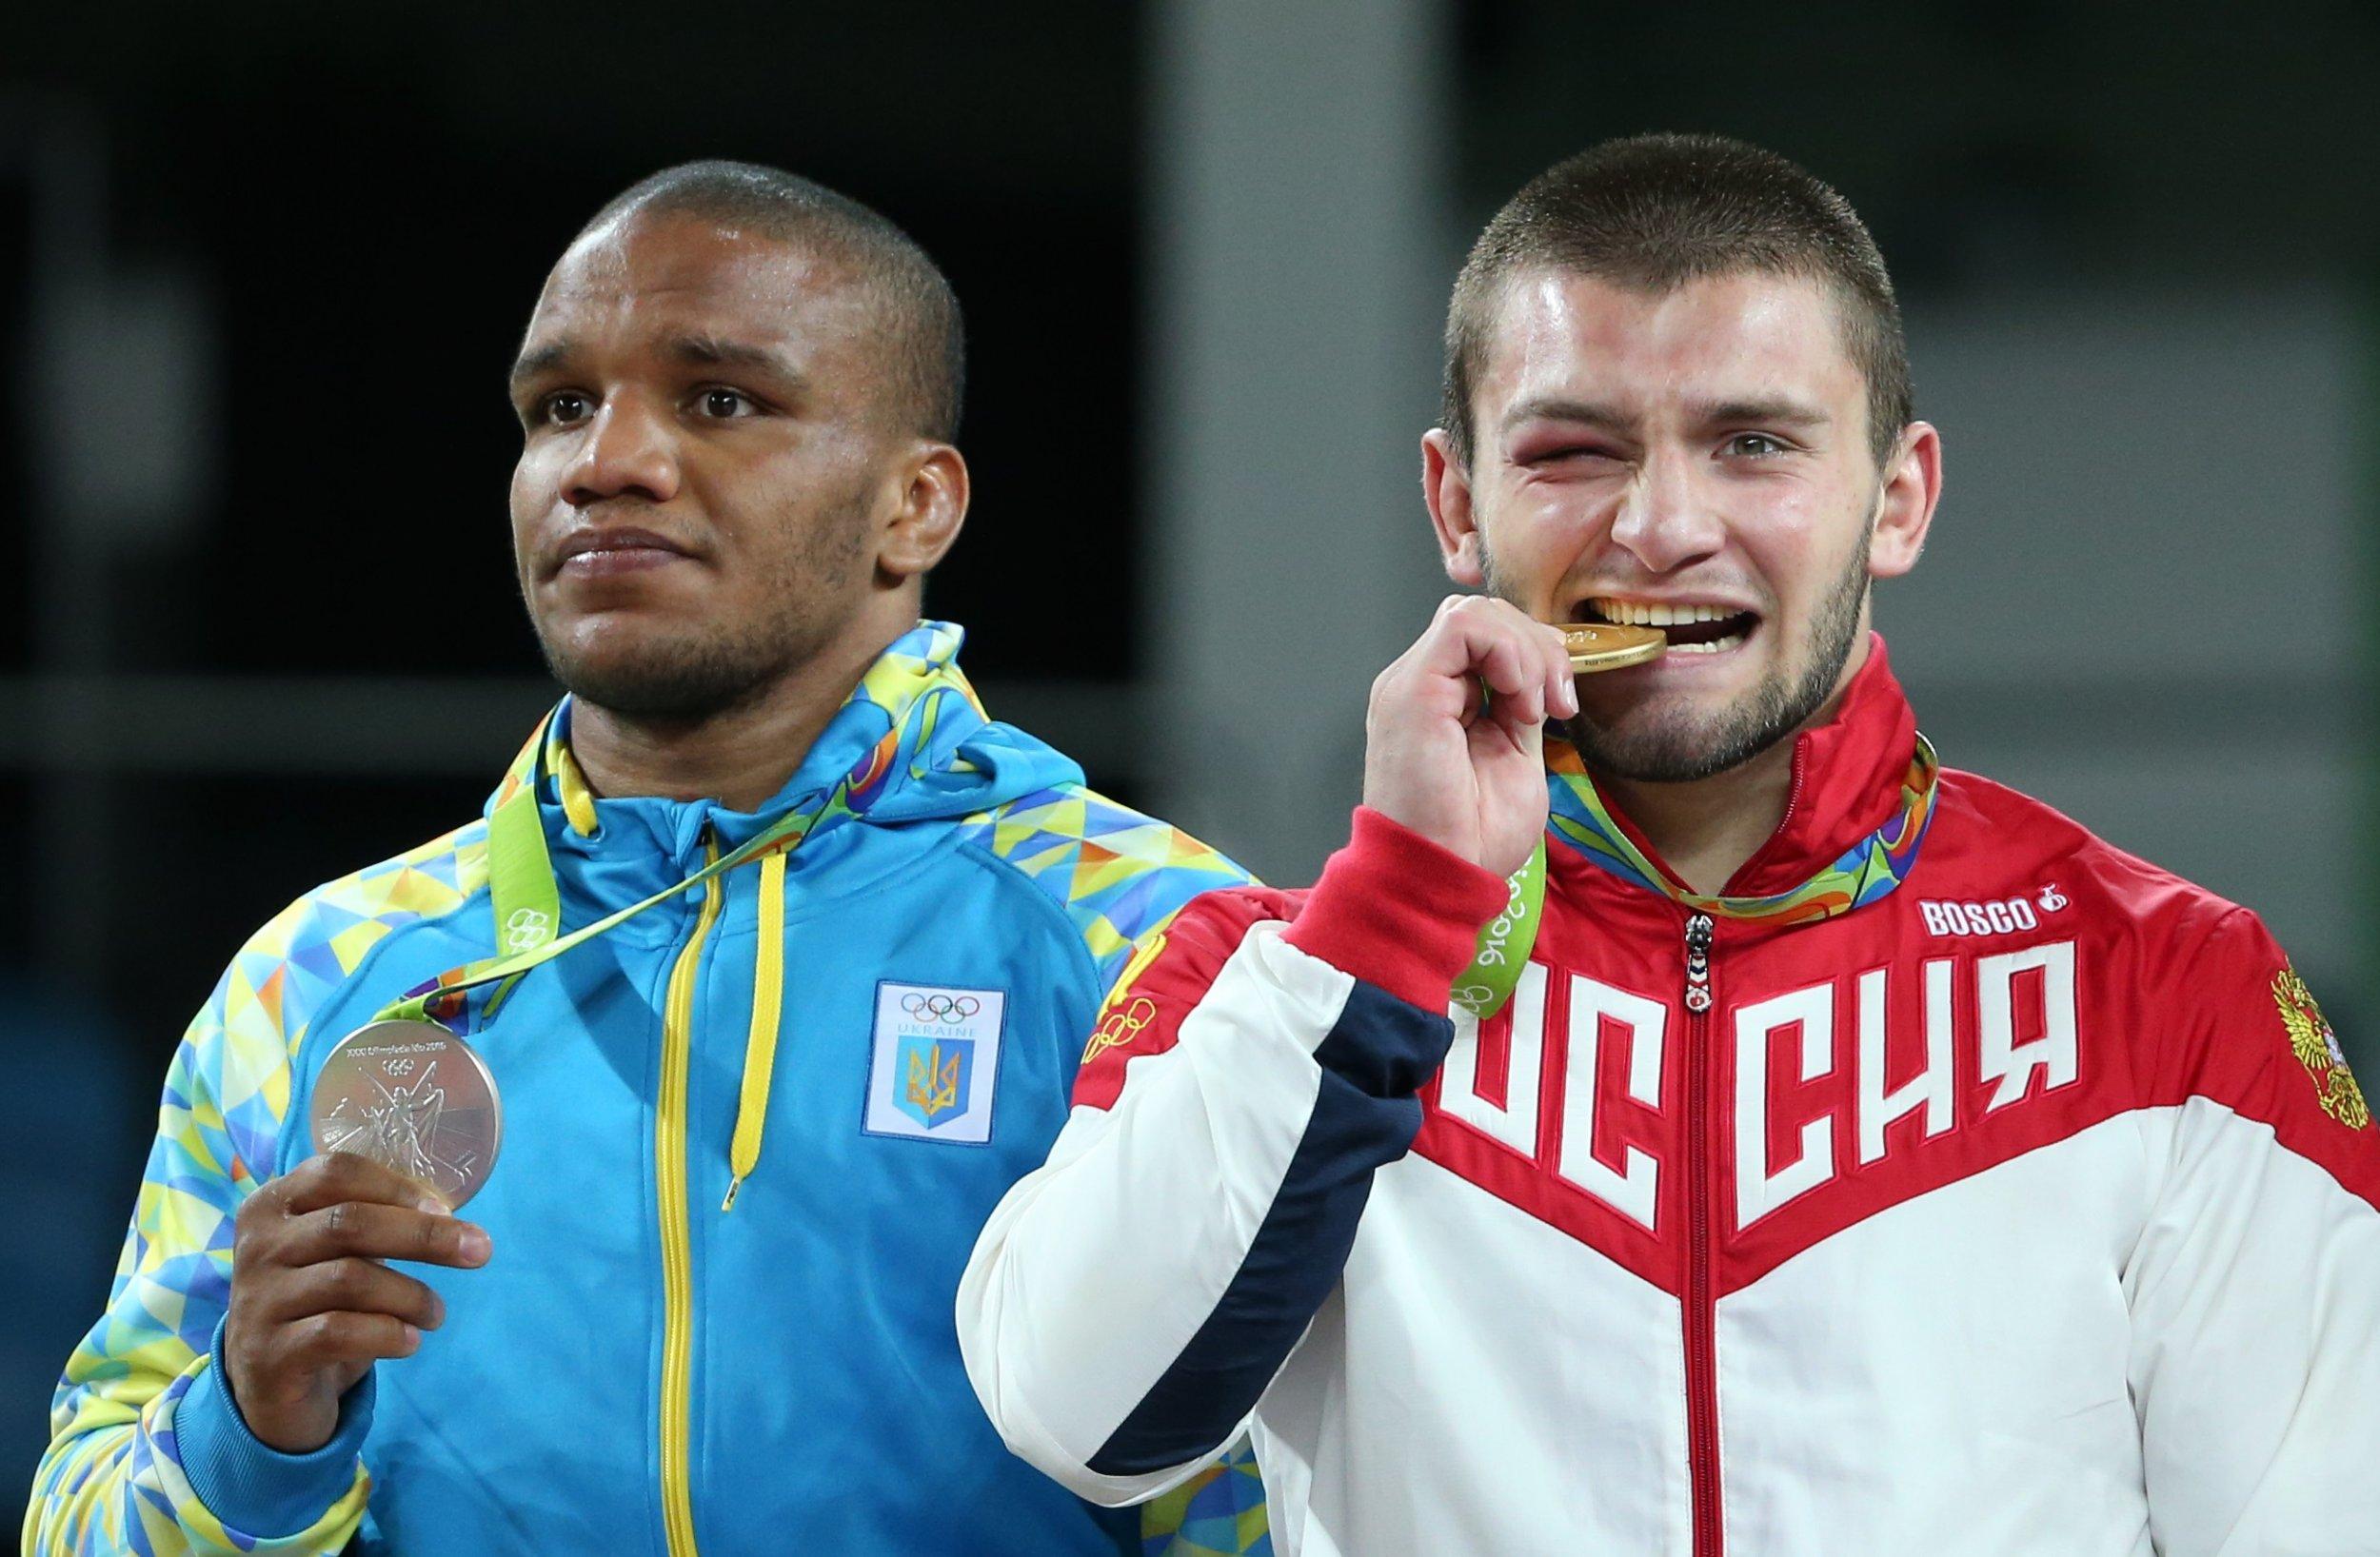 Beleniuk and Chakvetadze